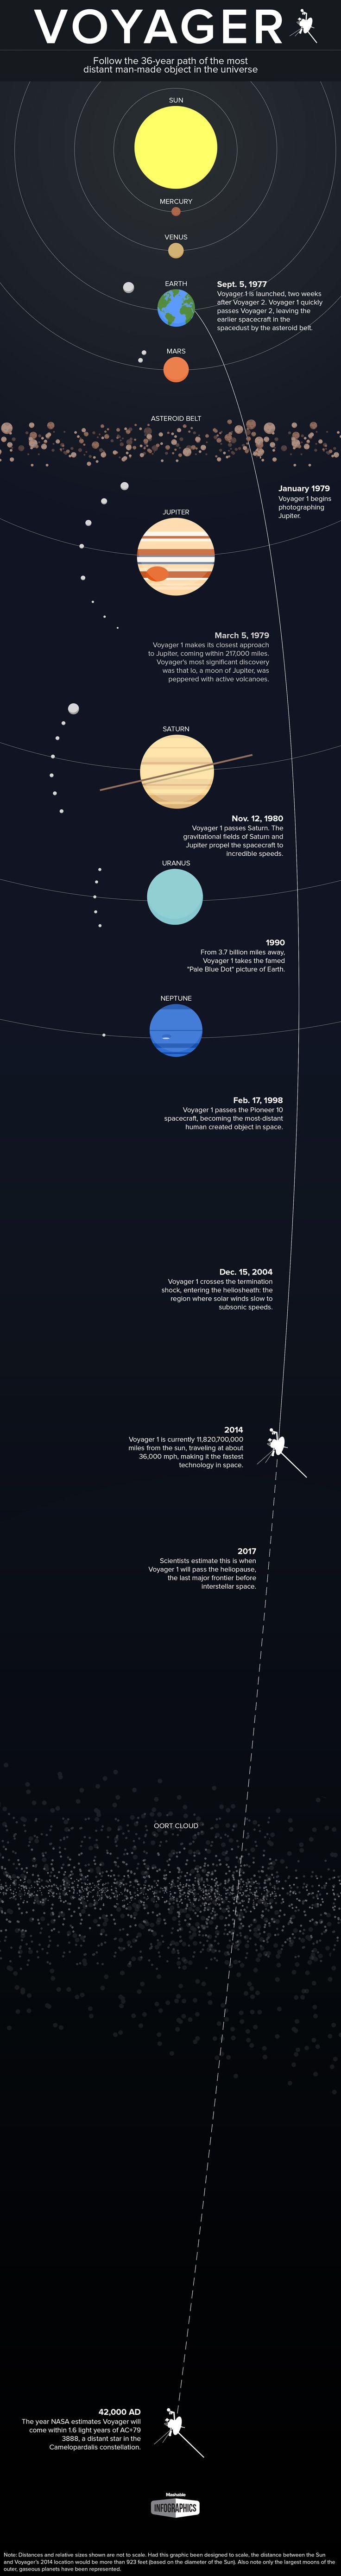 Checa el viaje del Voyager...